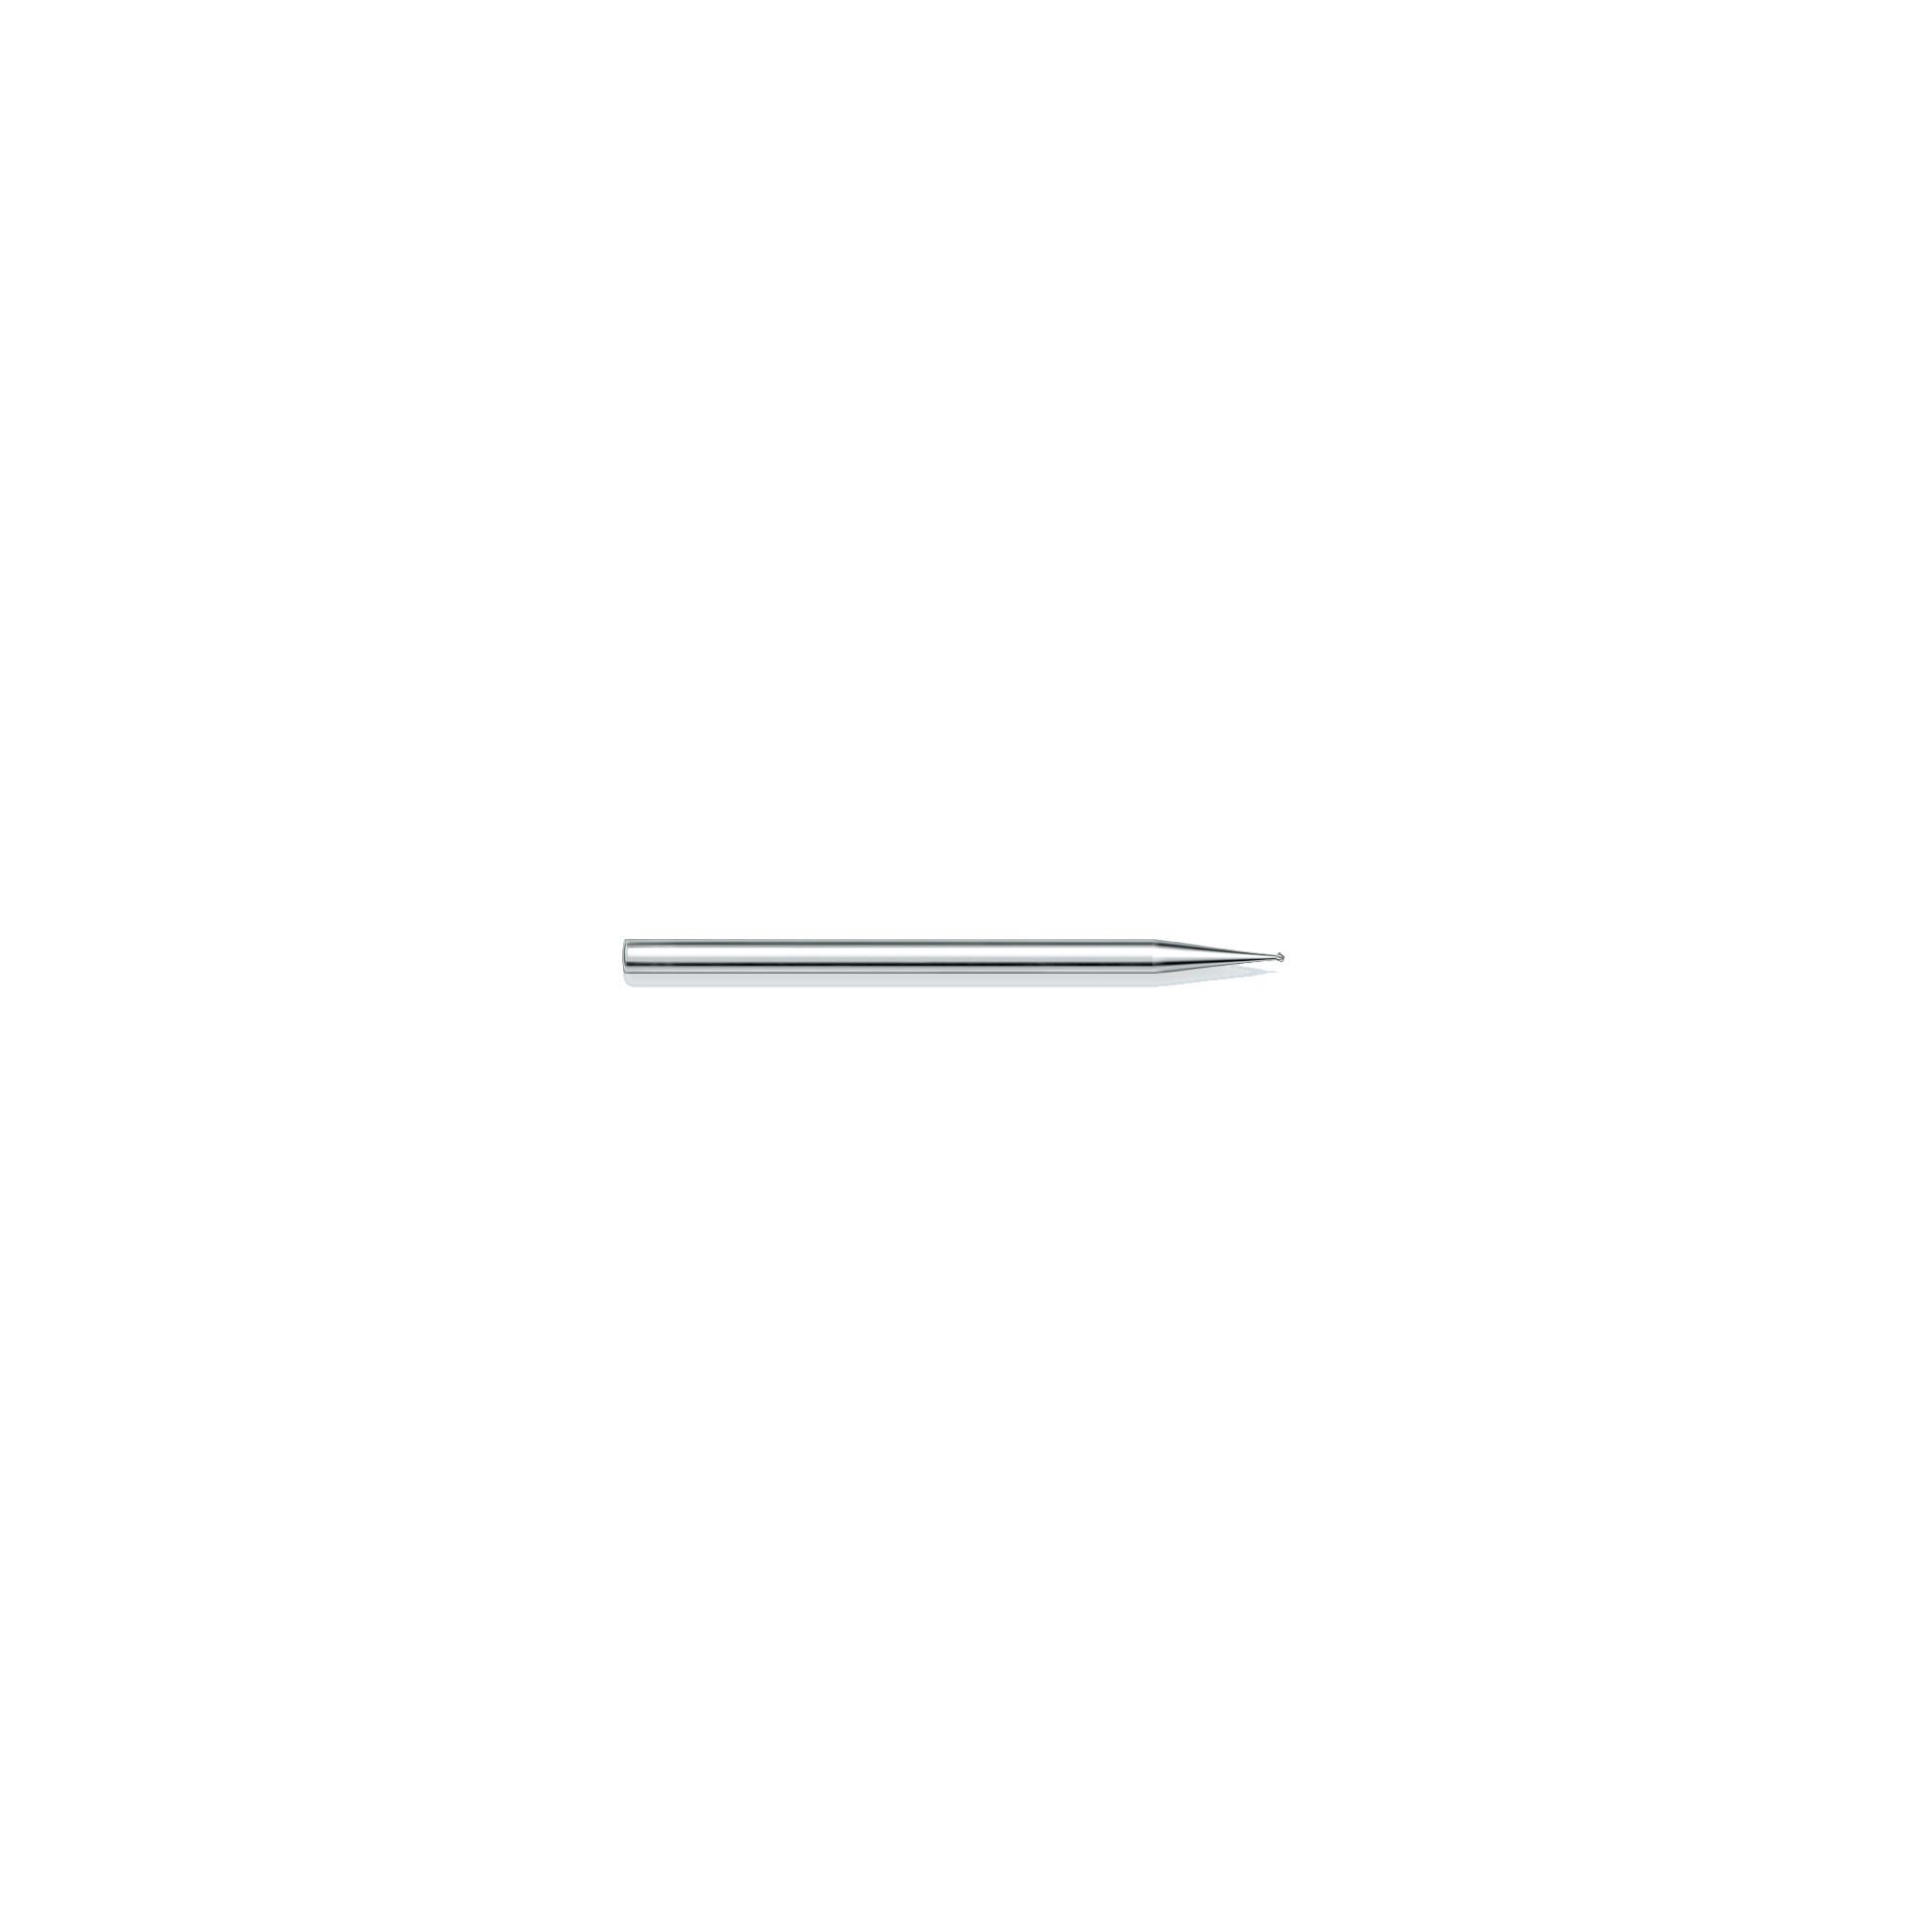 Fraise 1RS- Acier inoxydable - Enucléation des cors - 0,5 mm